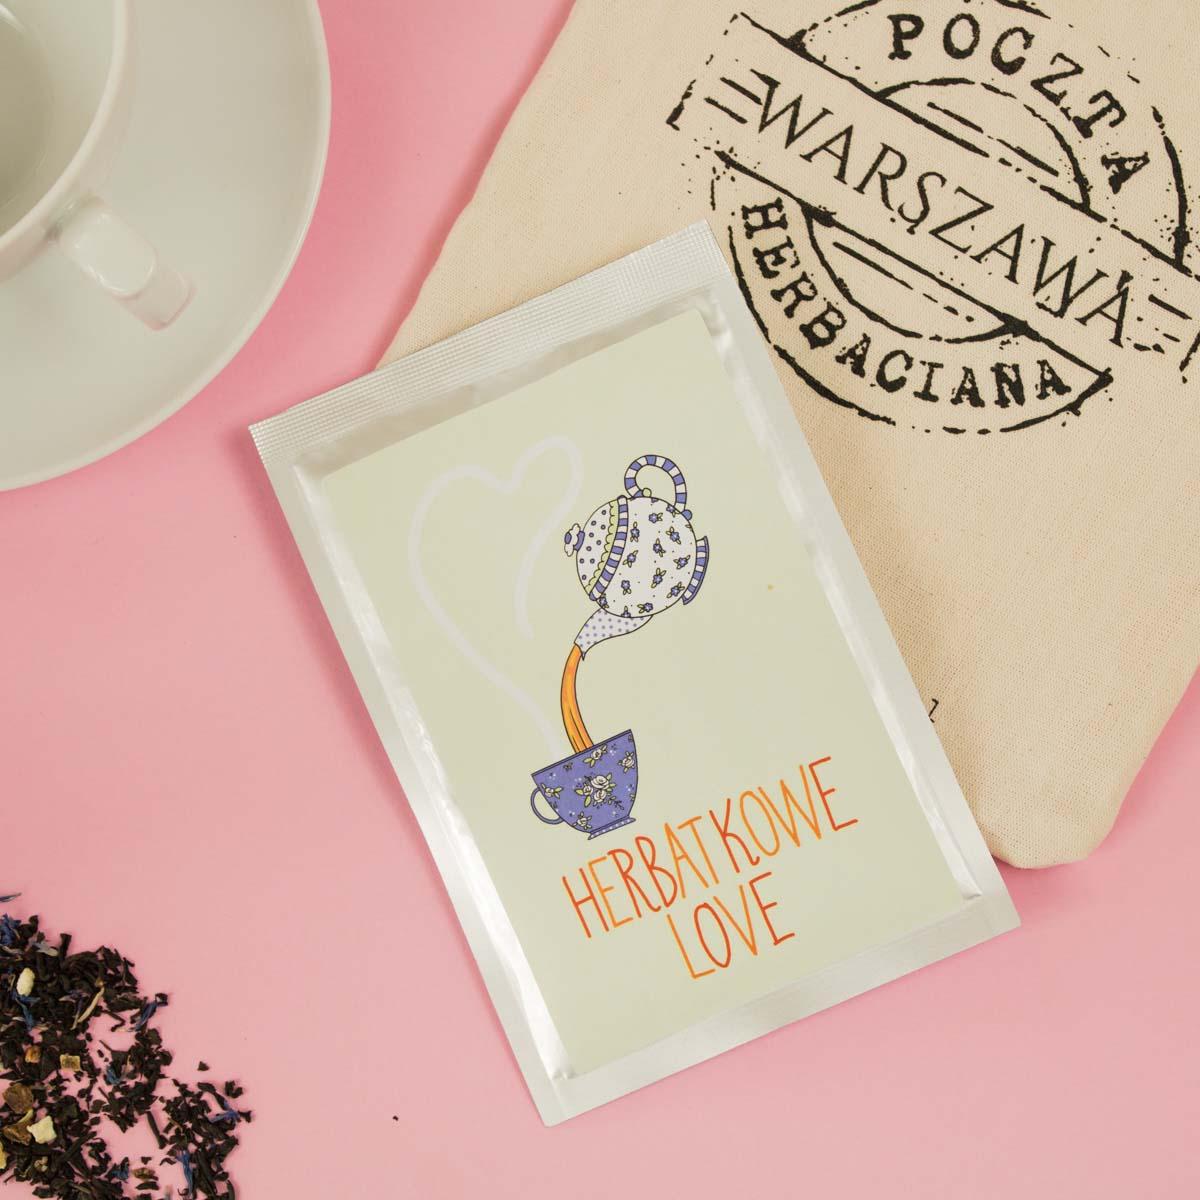 Herbatkowe Love